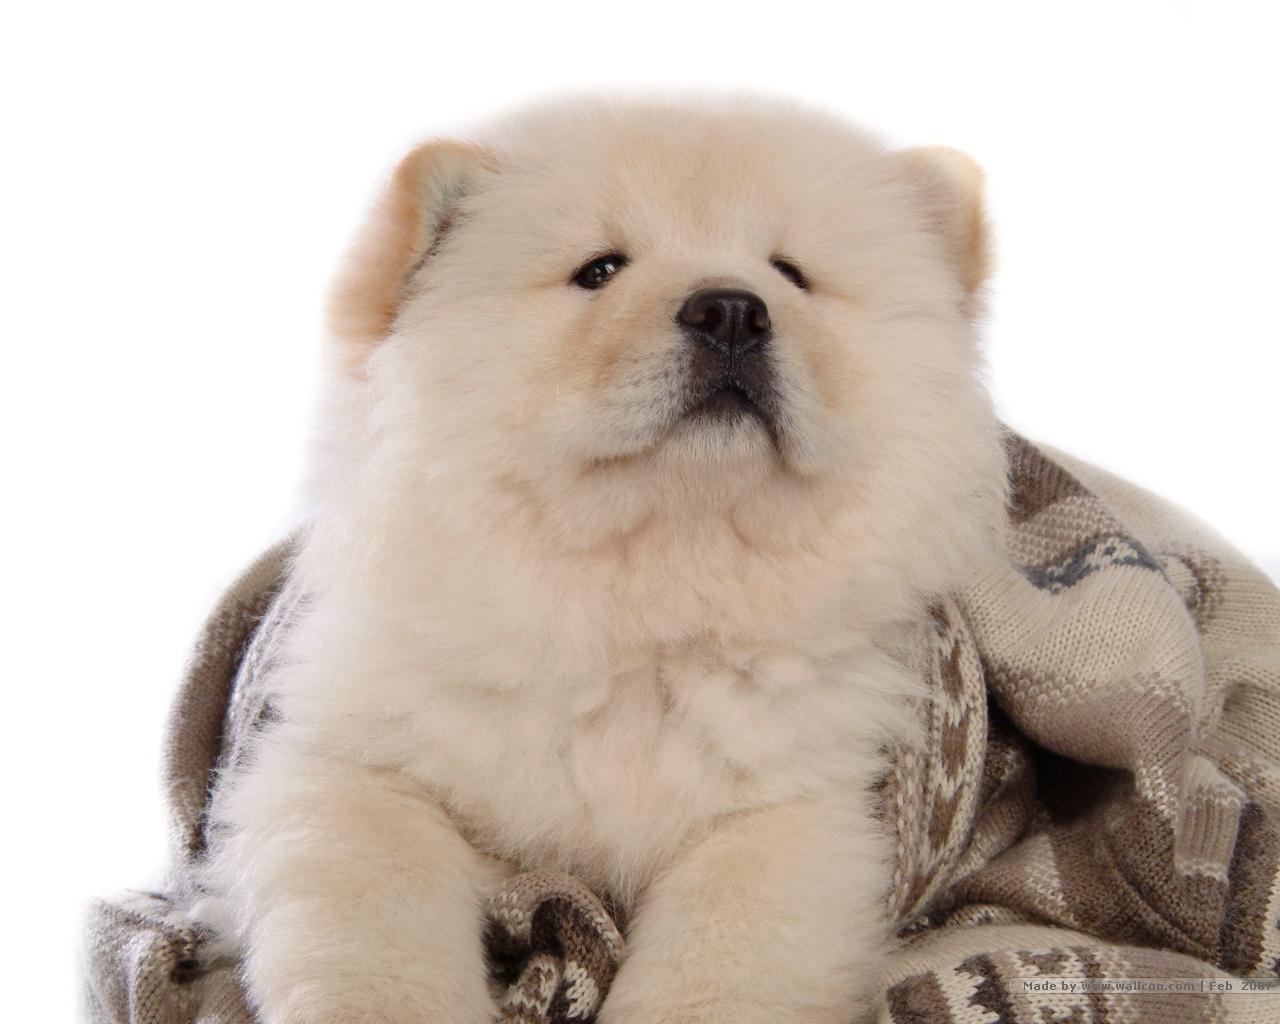 Chú chó chow chow lông trắng mặt vênh xinh đẹp